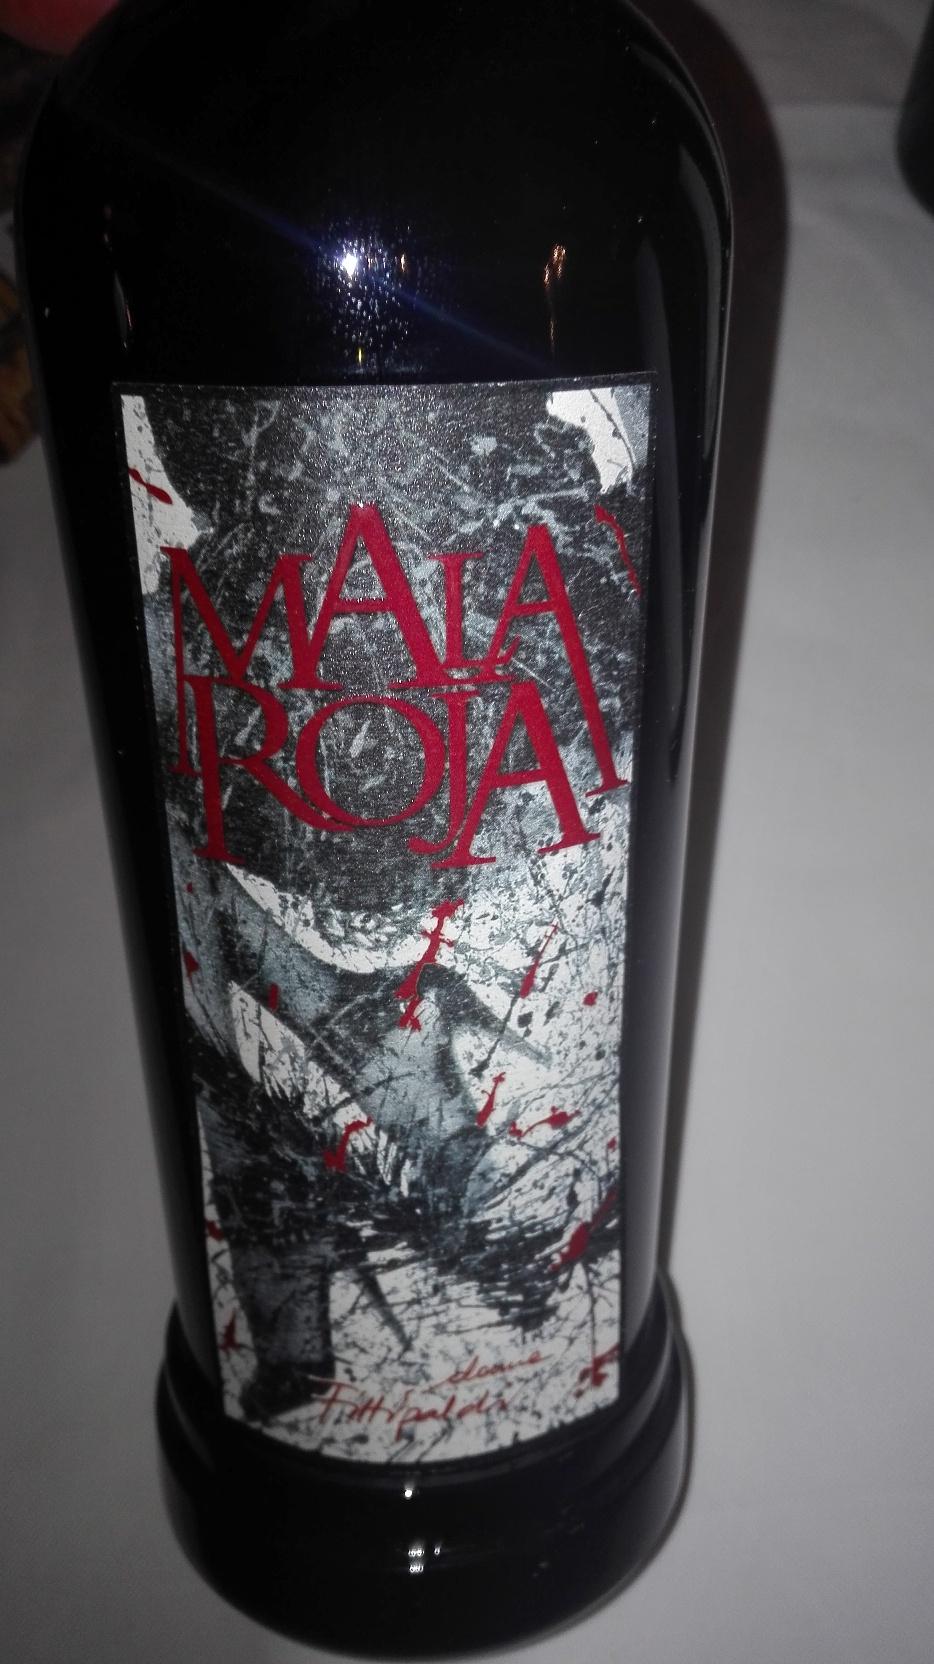 Malaroja